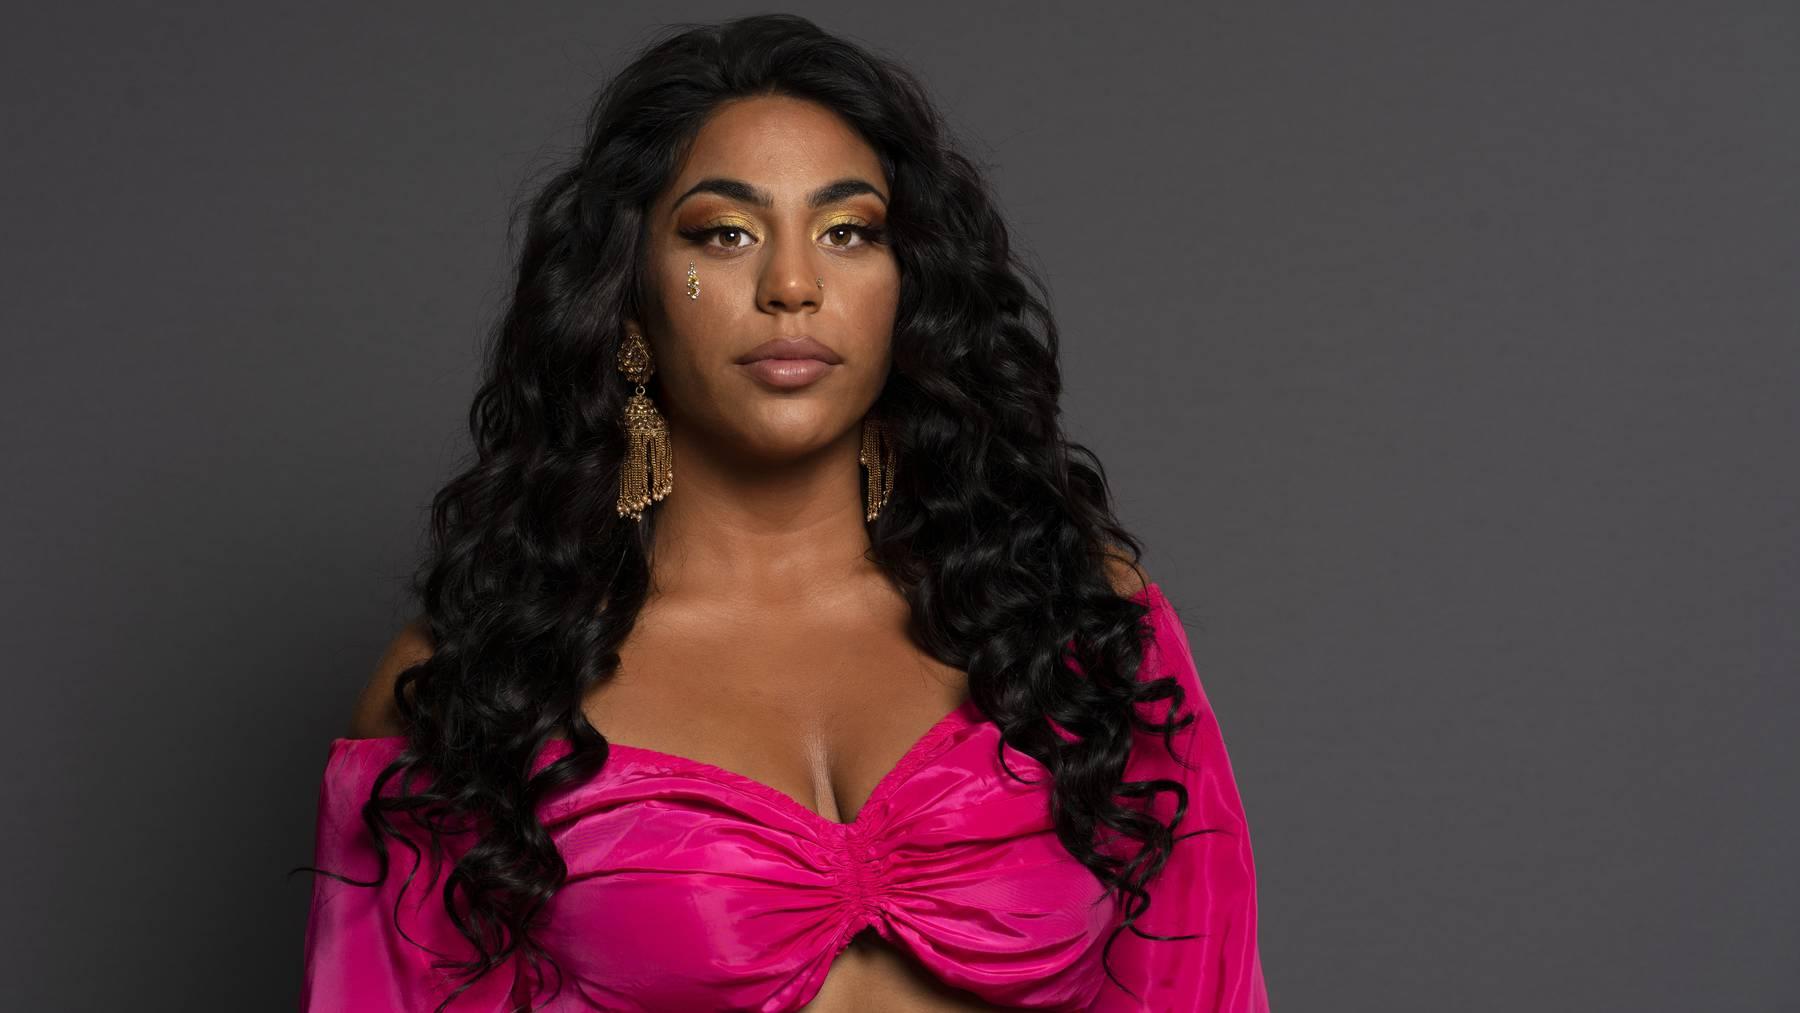 Die jüngste Sängerin, die auf Sevens Sofa Platz nimmt, feierte bereits internationale Erfolge.